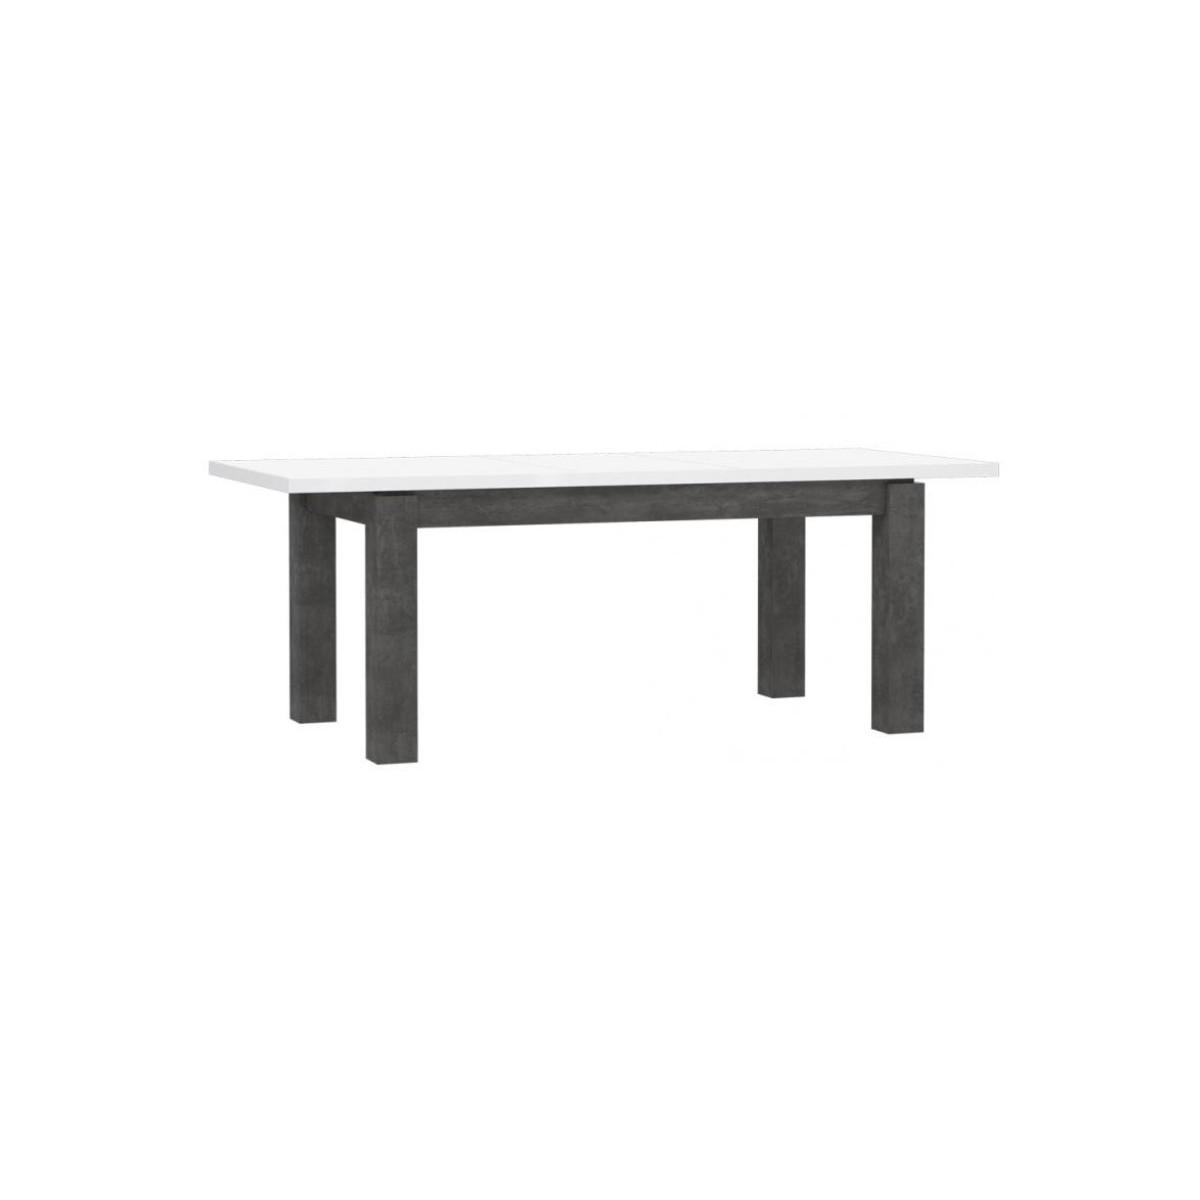 Lennox New Stół rozkładany ALCT44-C272